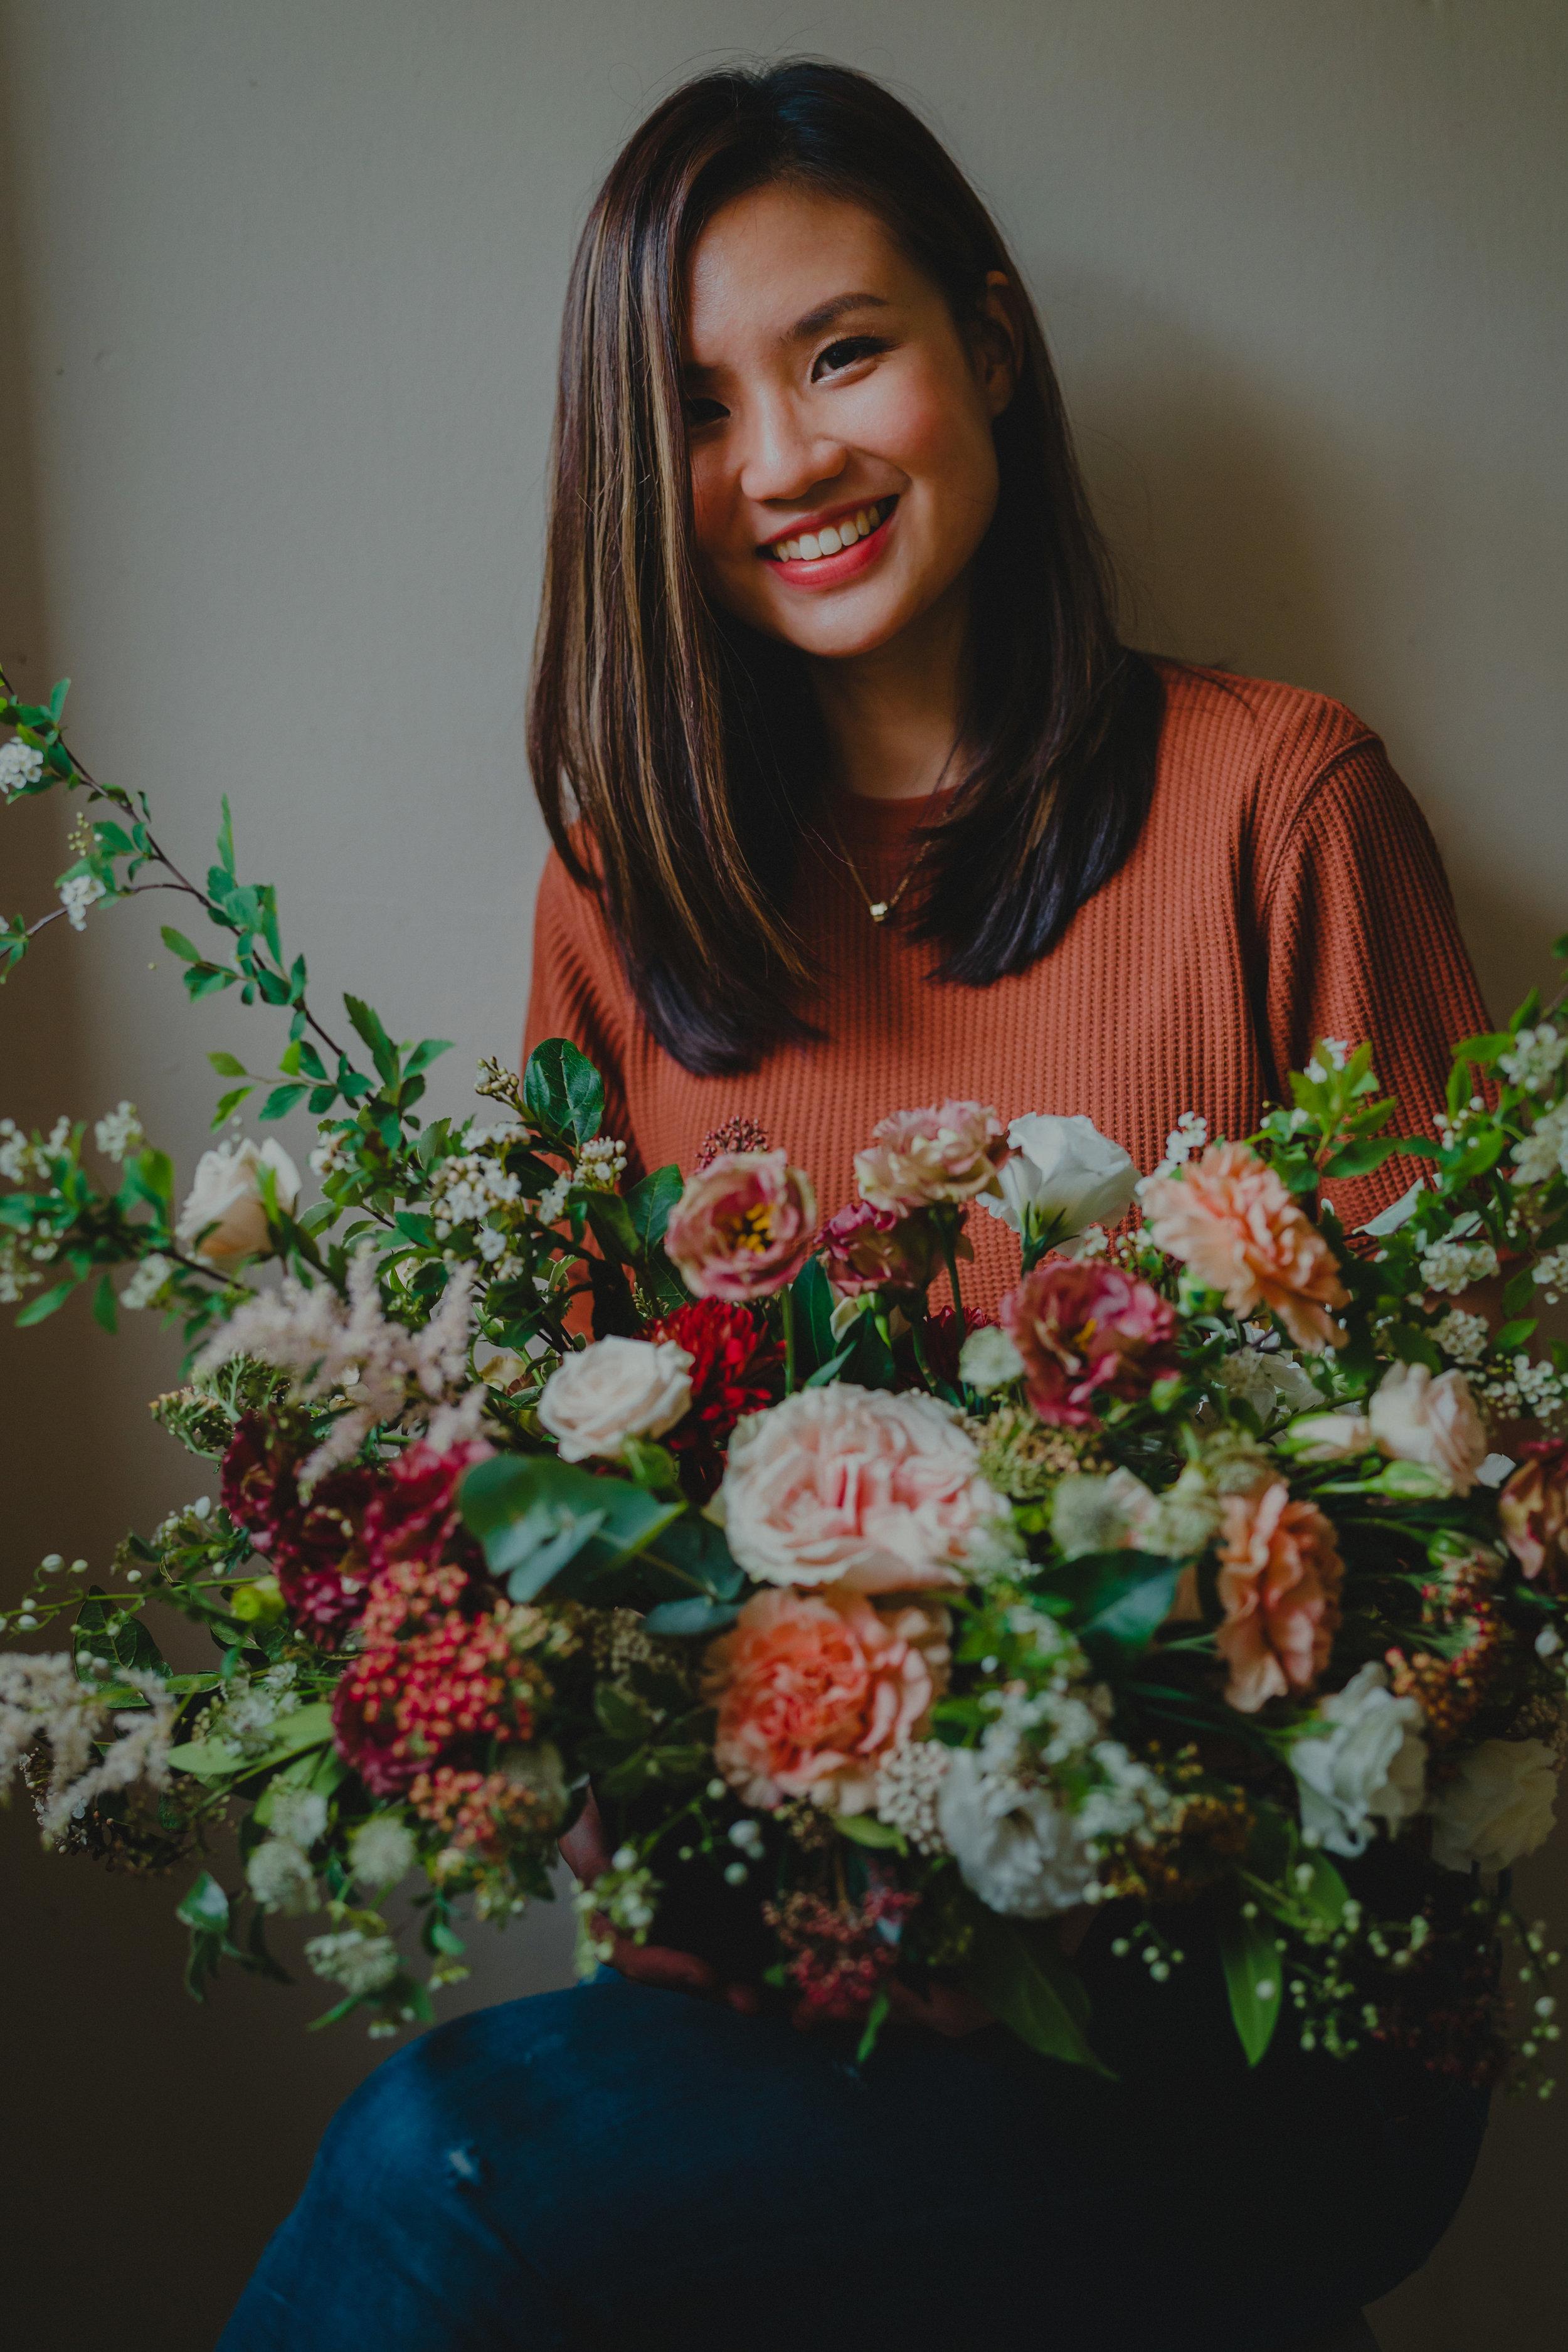 Benita_Floral91.JPG